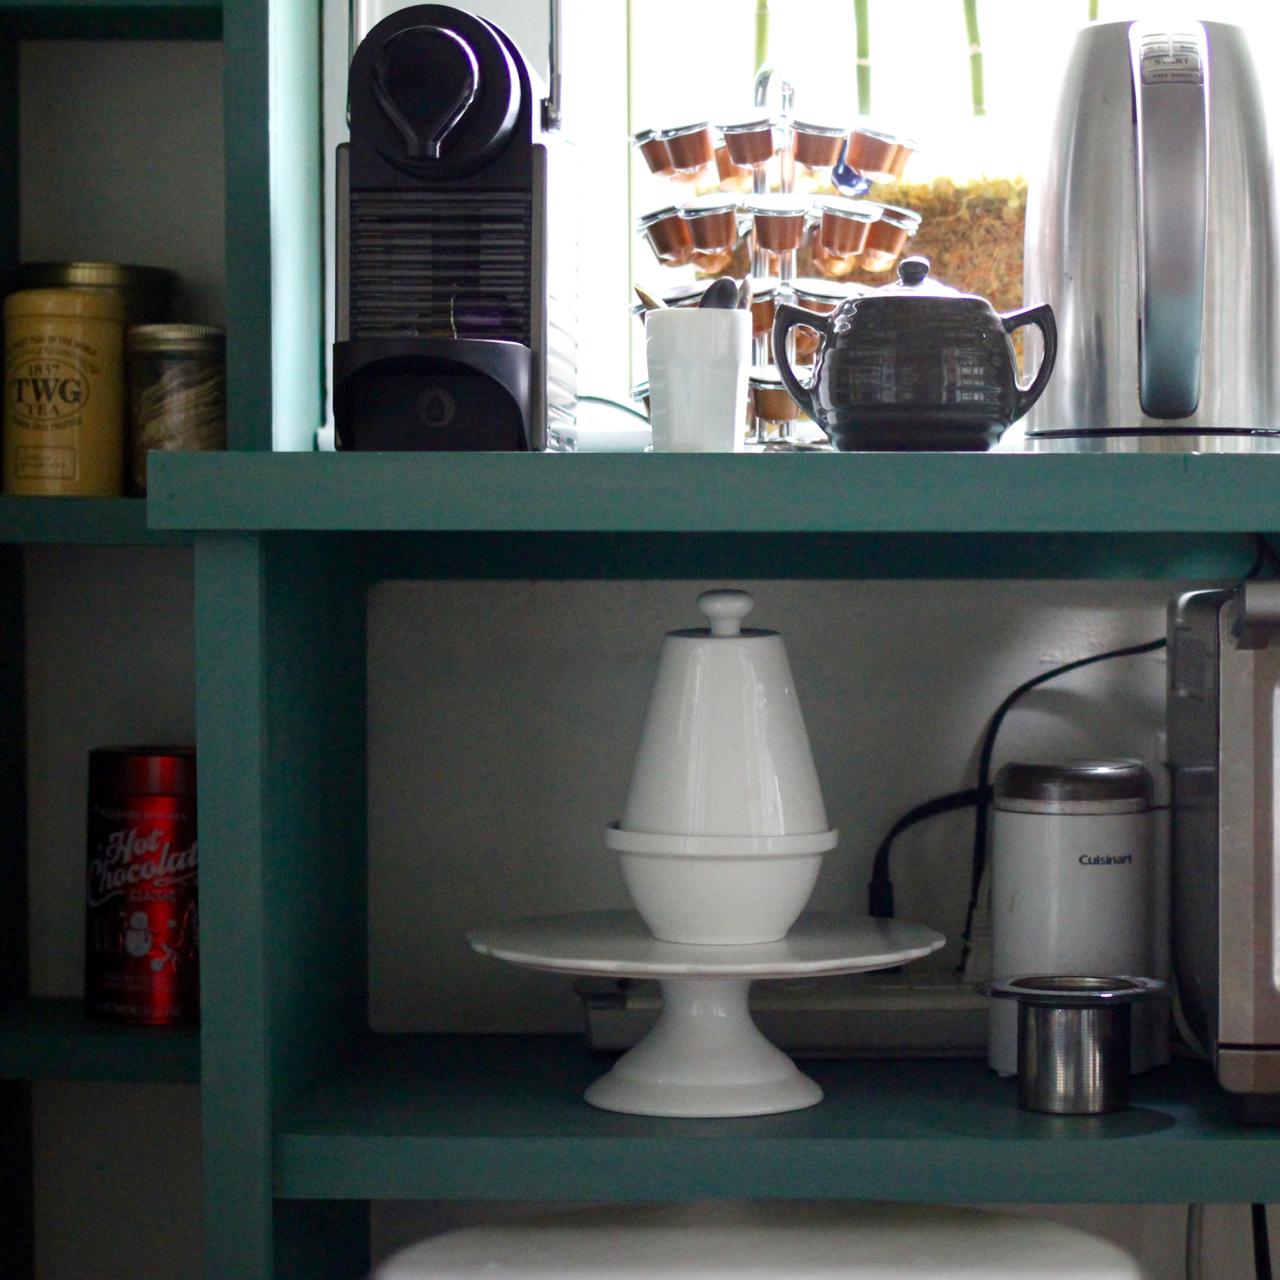 jo-torrijos-a-simpler-design-atlanta-interior-design-pantry-7.jpg